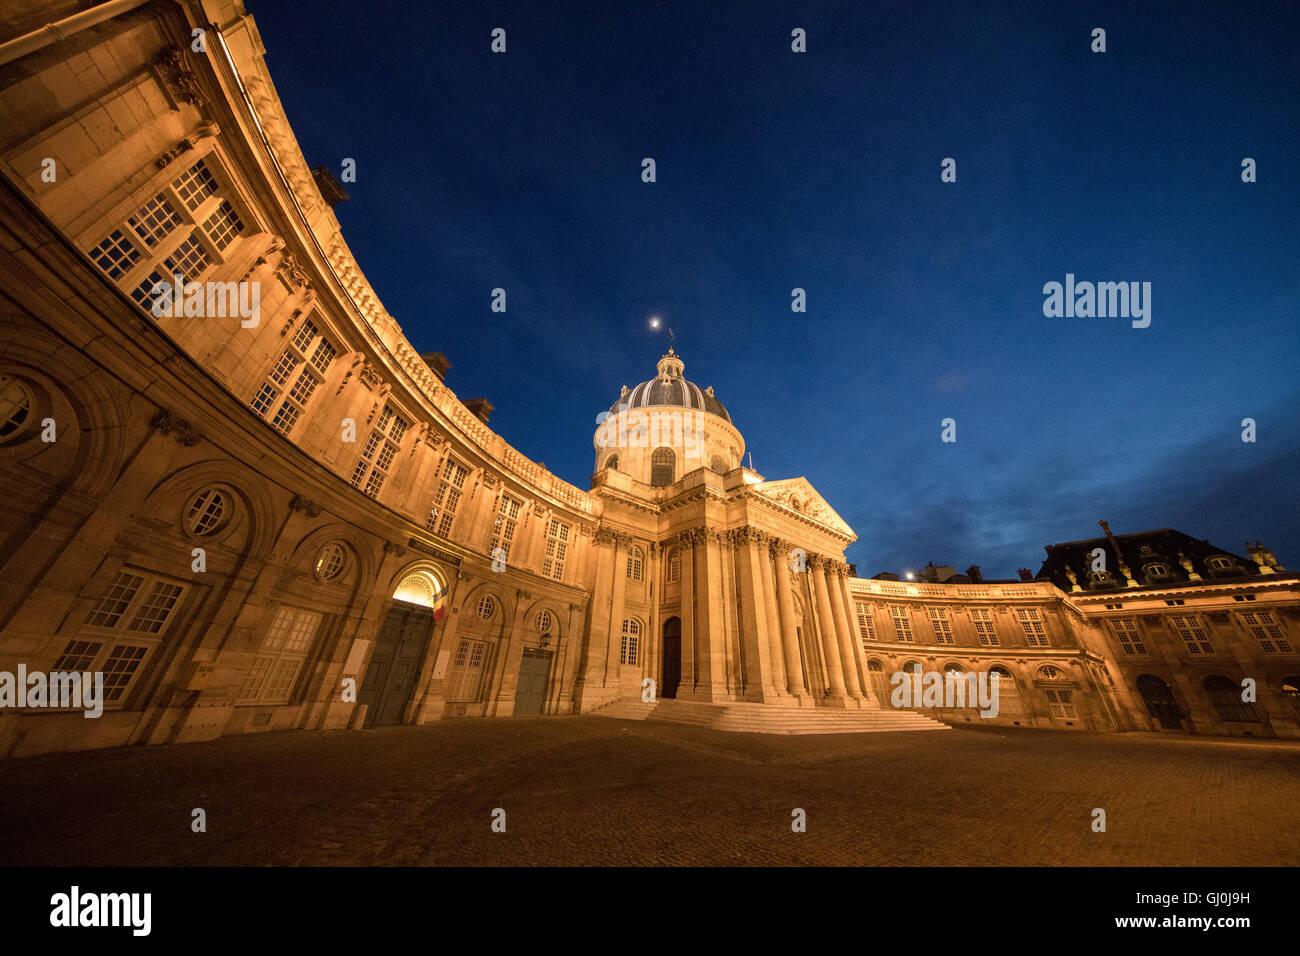 the Acadamie des Beaux-Arts, Institut de France, Paris, France - Stock Image